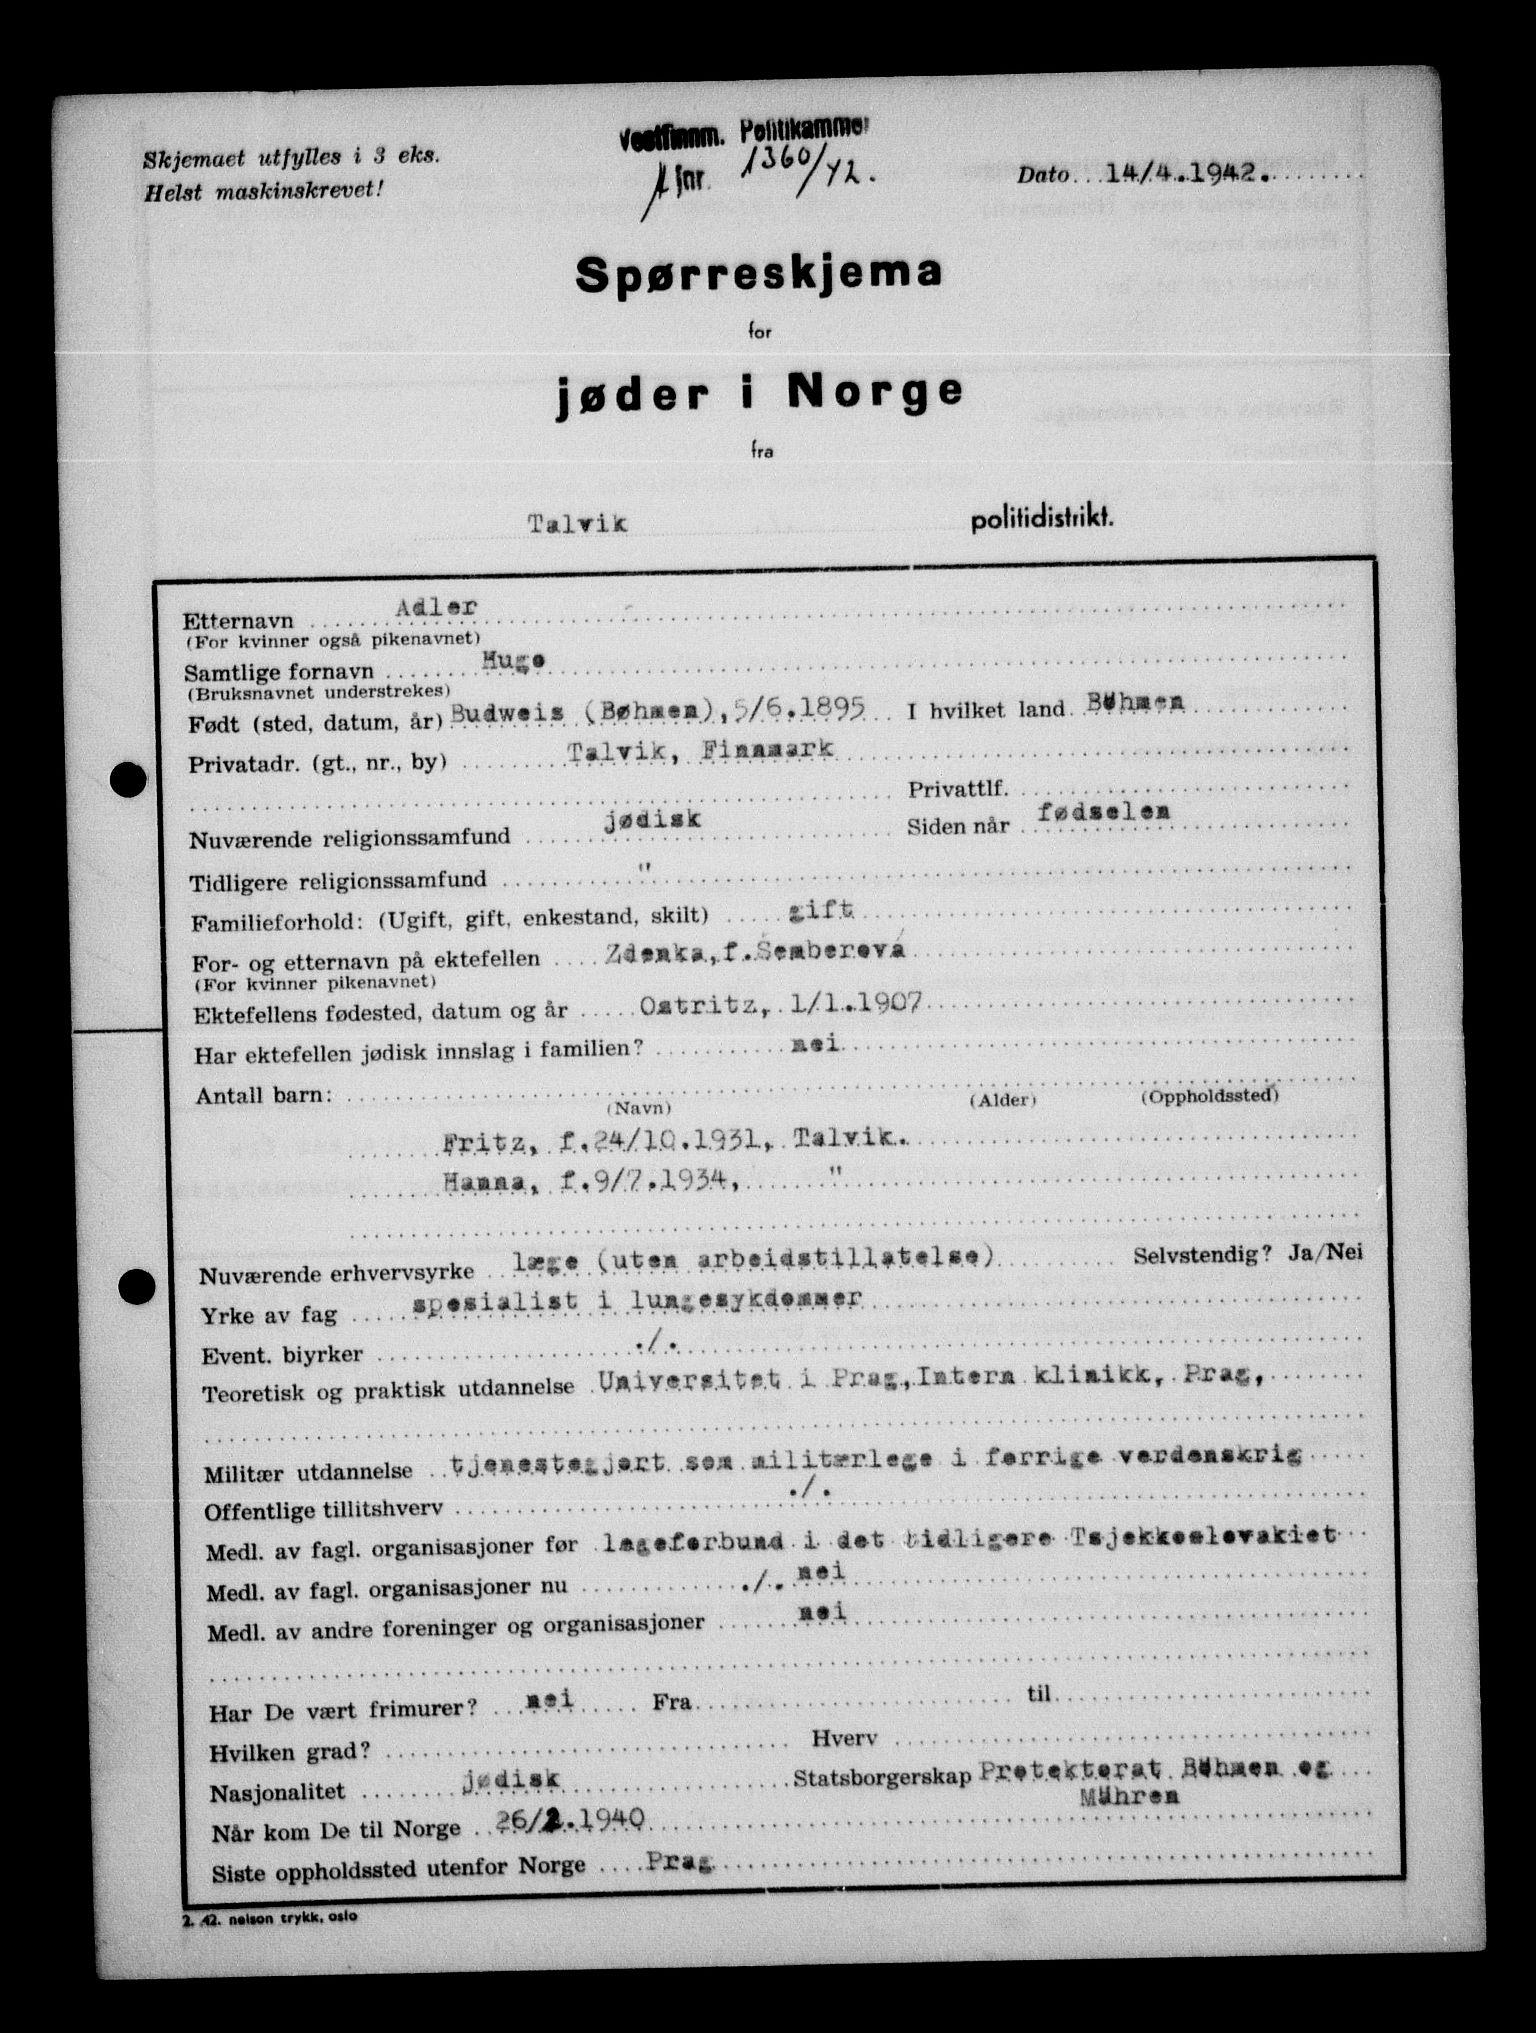 RA, Statspolitiet - Hovedkontoret / Osloavdelingen, G/Ga/L0013: Spørreskjema for jøder i Norge. 1: Sandefjord-Trondheim. 2: Tønsberg- Ålesund.  3: Skriv vedr. jøder A-H.  , 1942-1943, s. 206